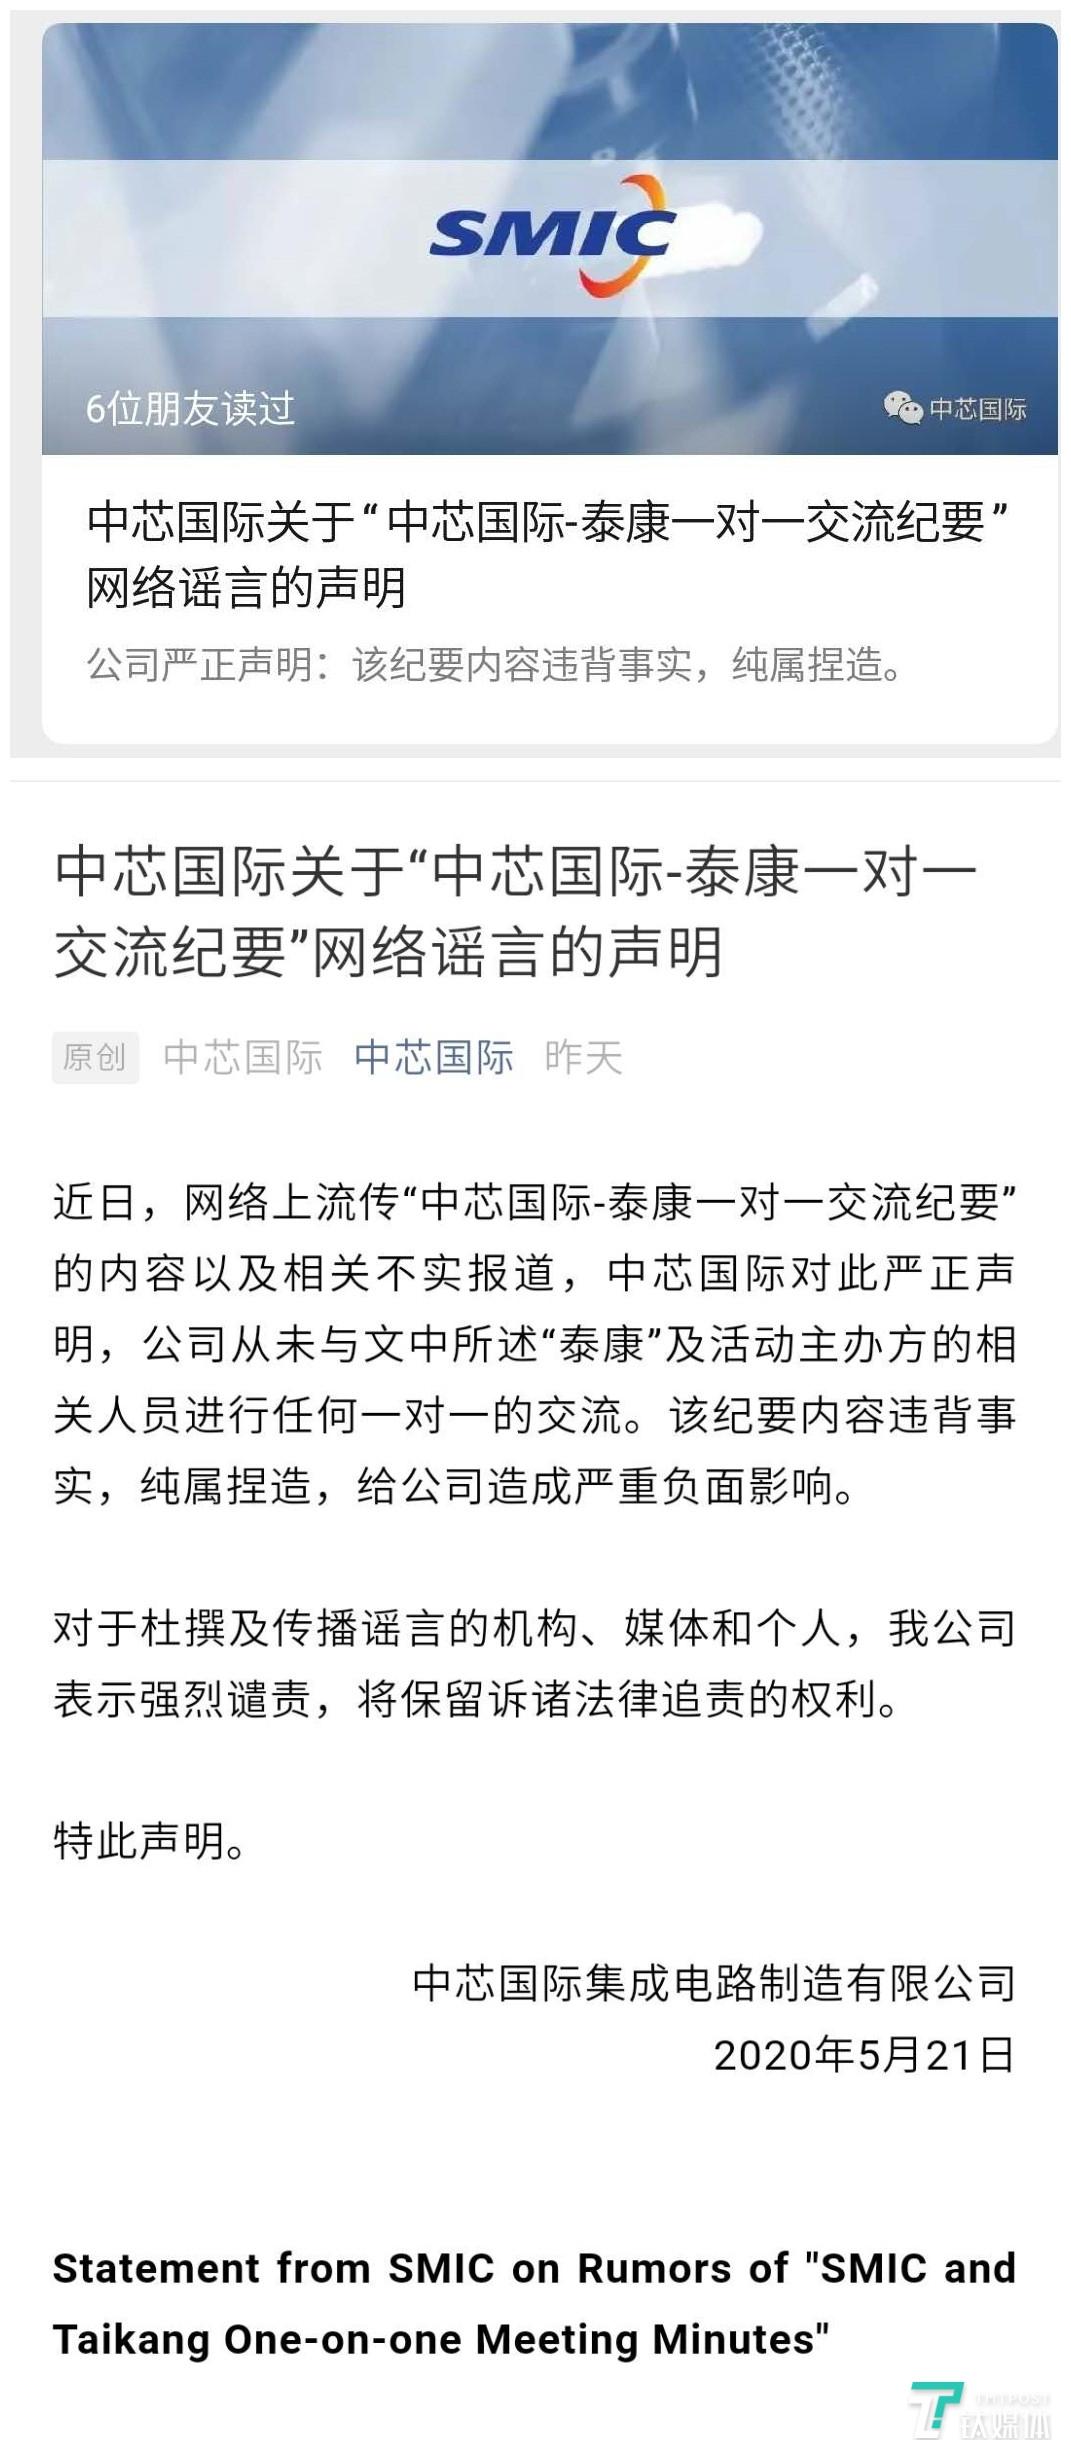 中芯国际官方微信公众号发布辟谣声明